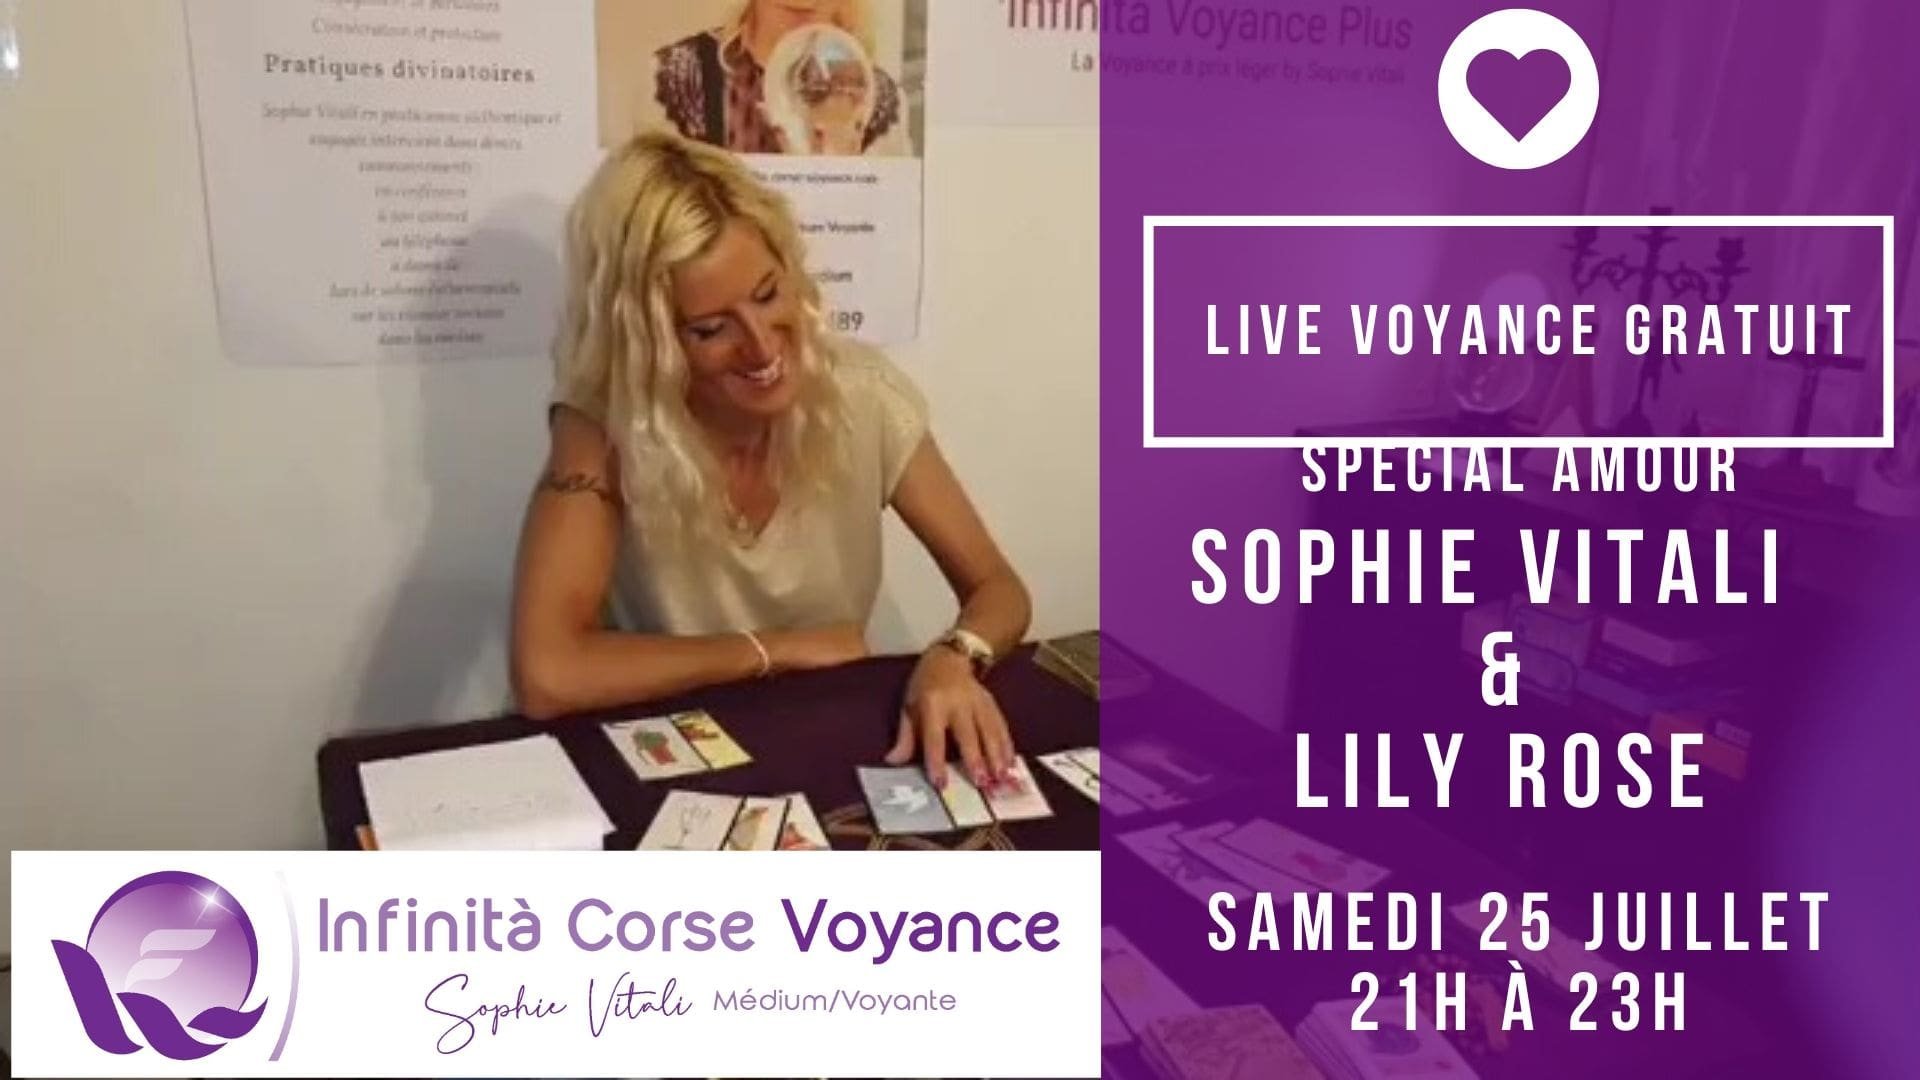 Sophie Vitali en live Facebook le samedi 25 juillet sur Facebook